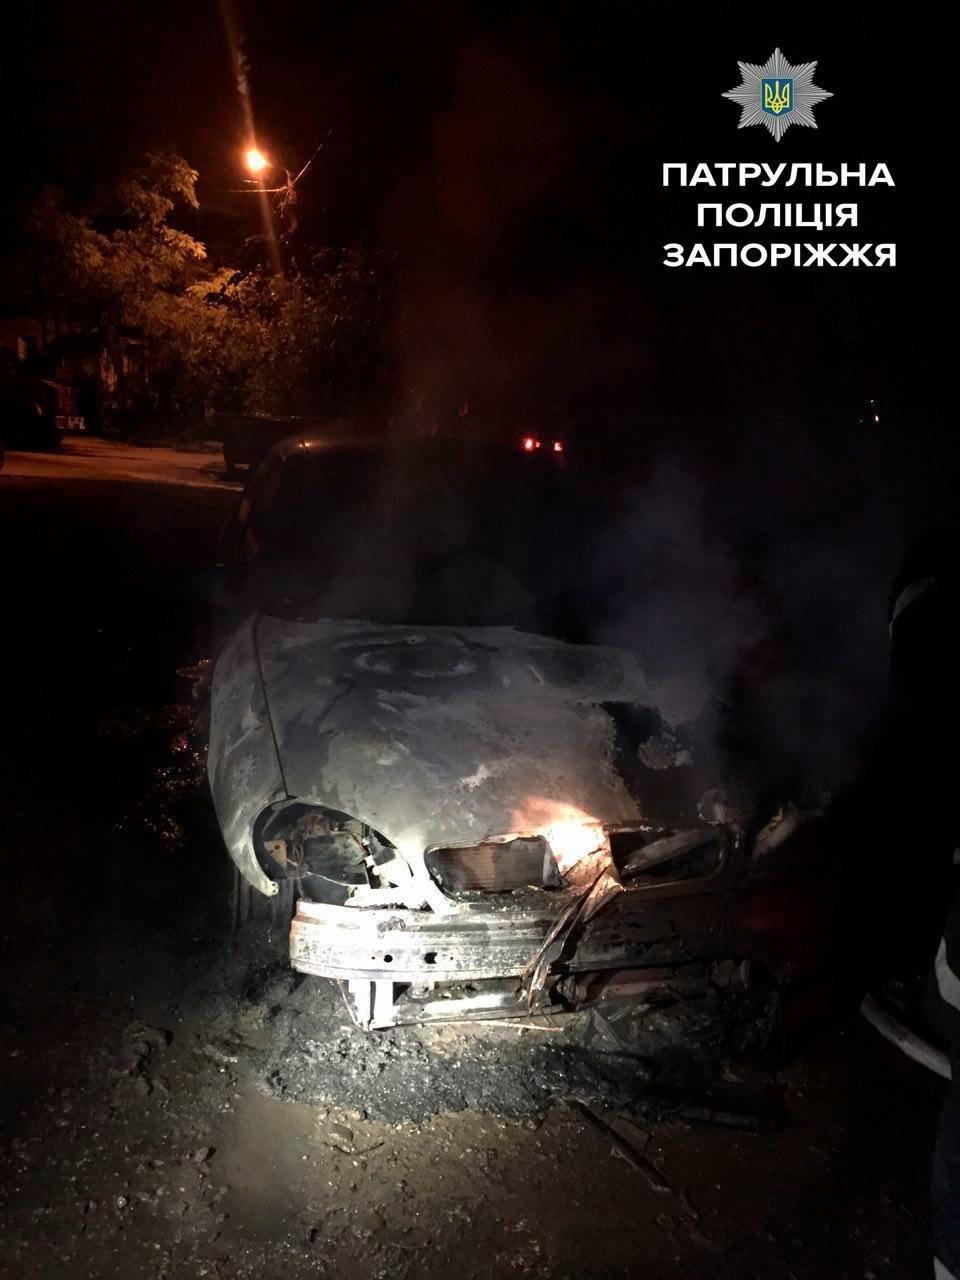 Минувшей ночью в Запорожье сгорел еще один автомобиль, - ФОТО , фото-1